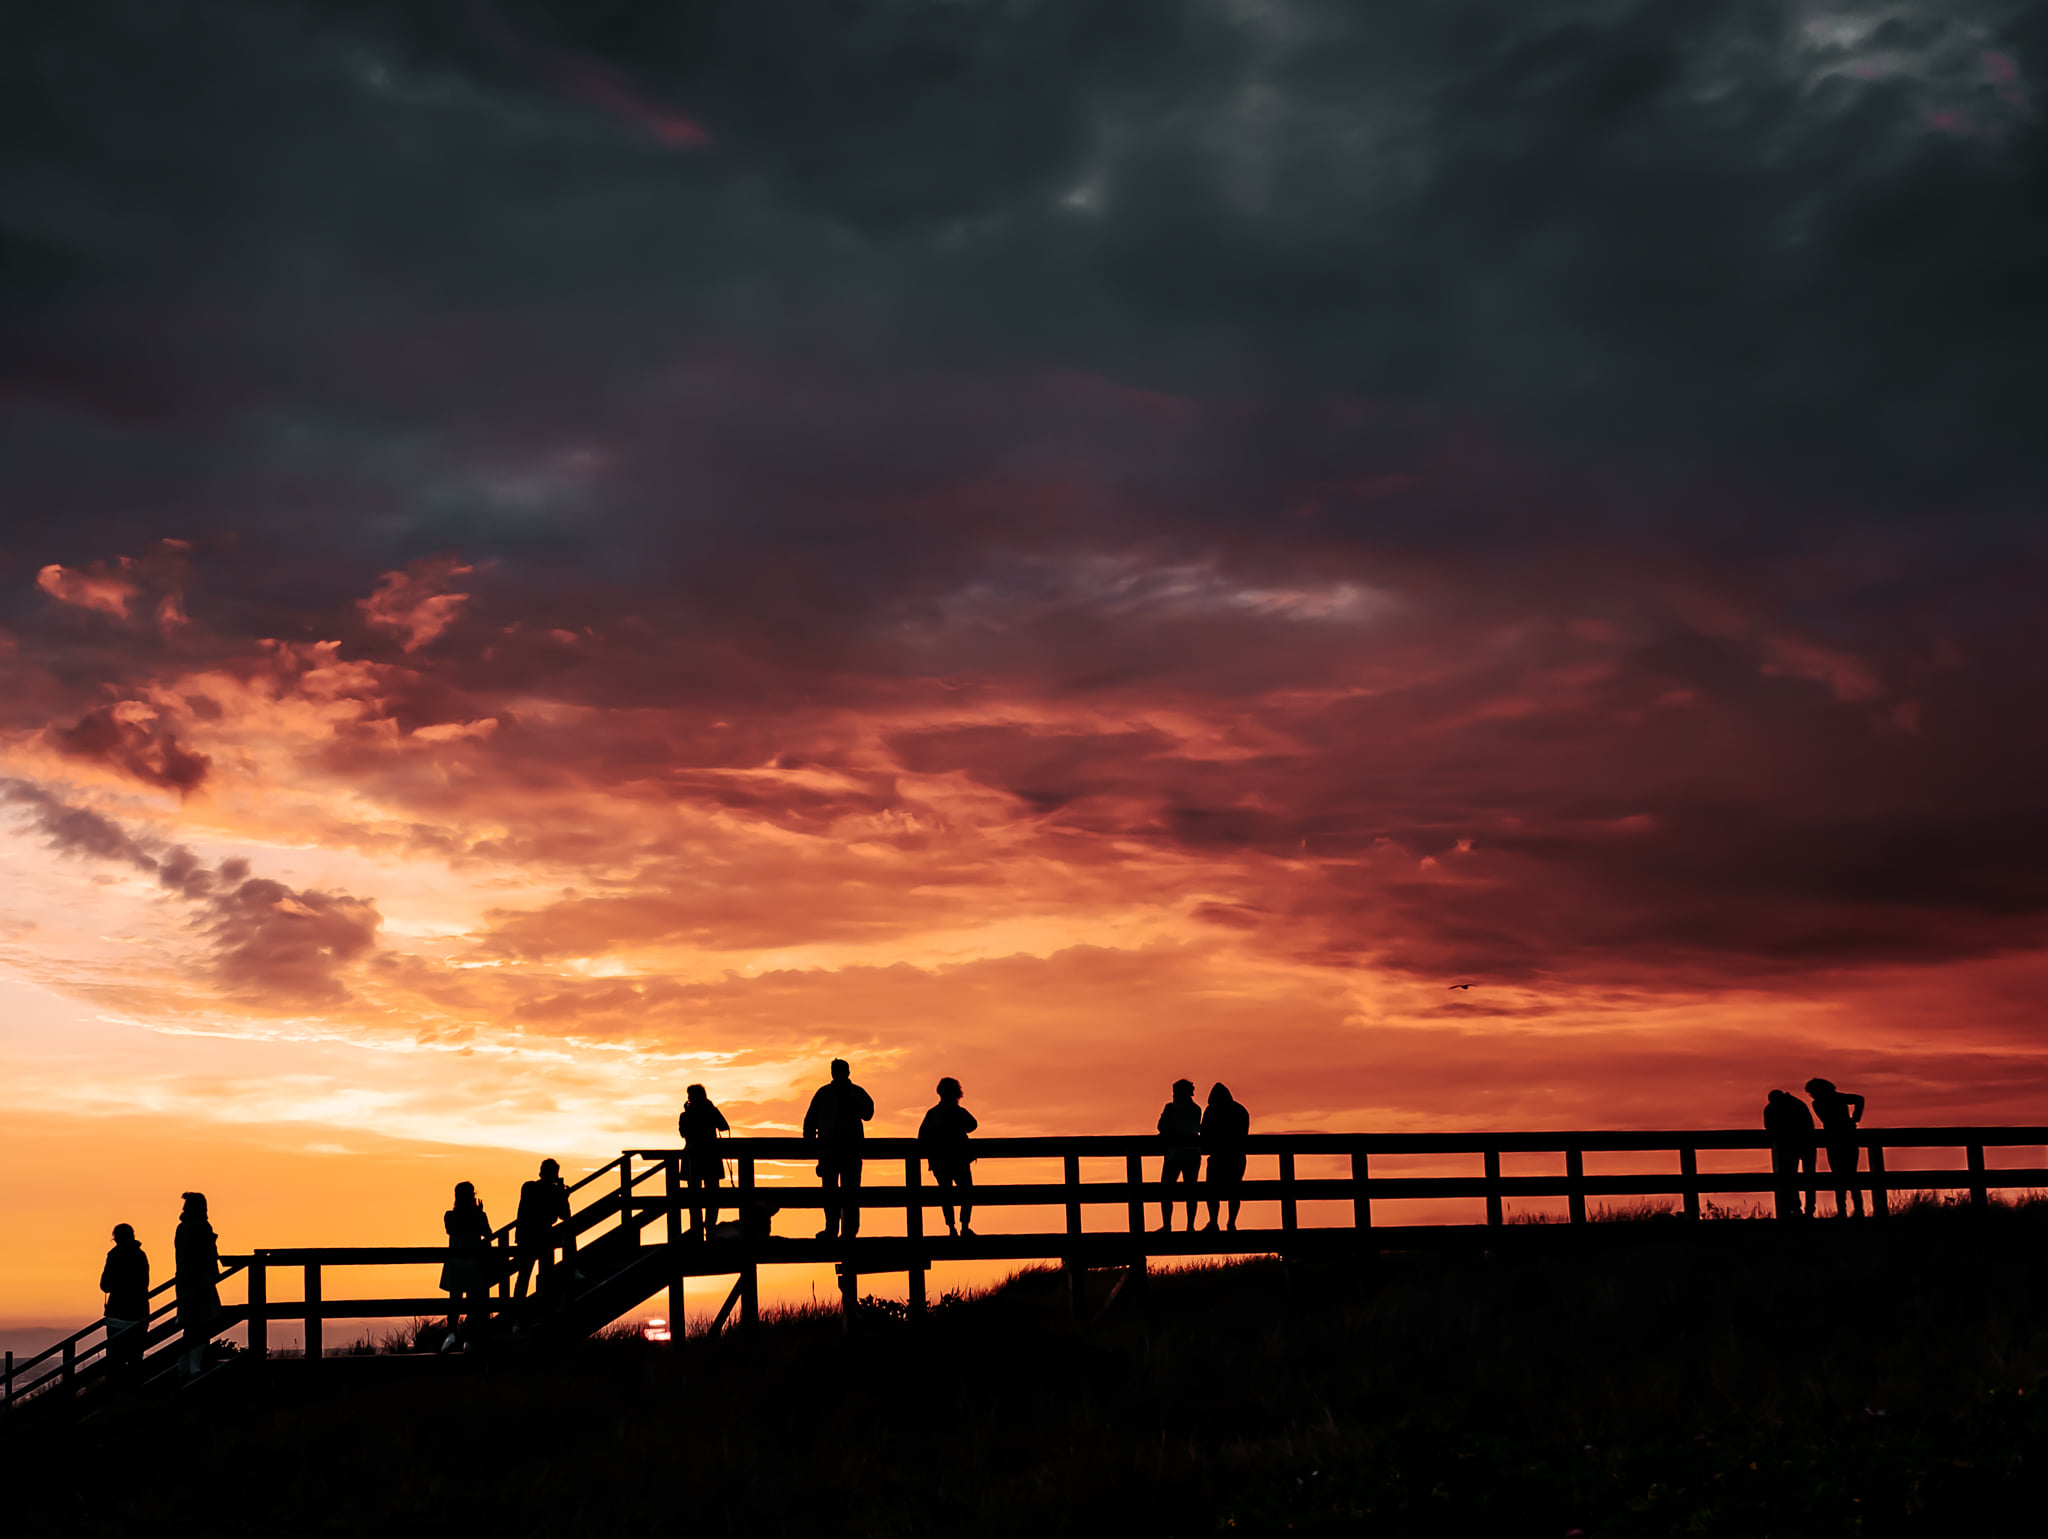 Sylter Sunset vom Holzsteg über der Nordsee beobachten